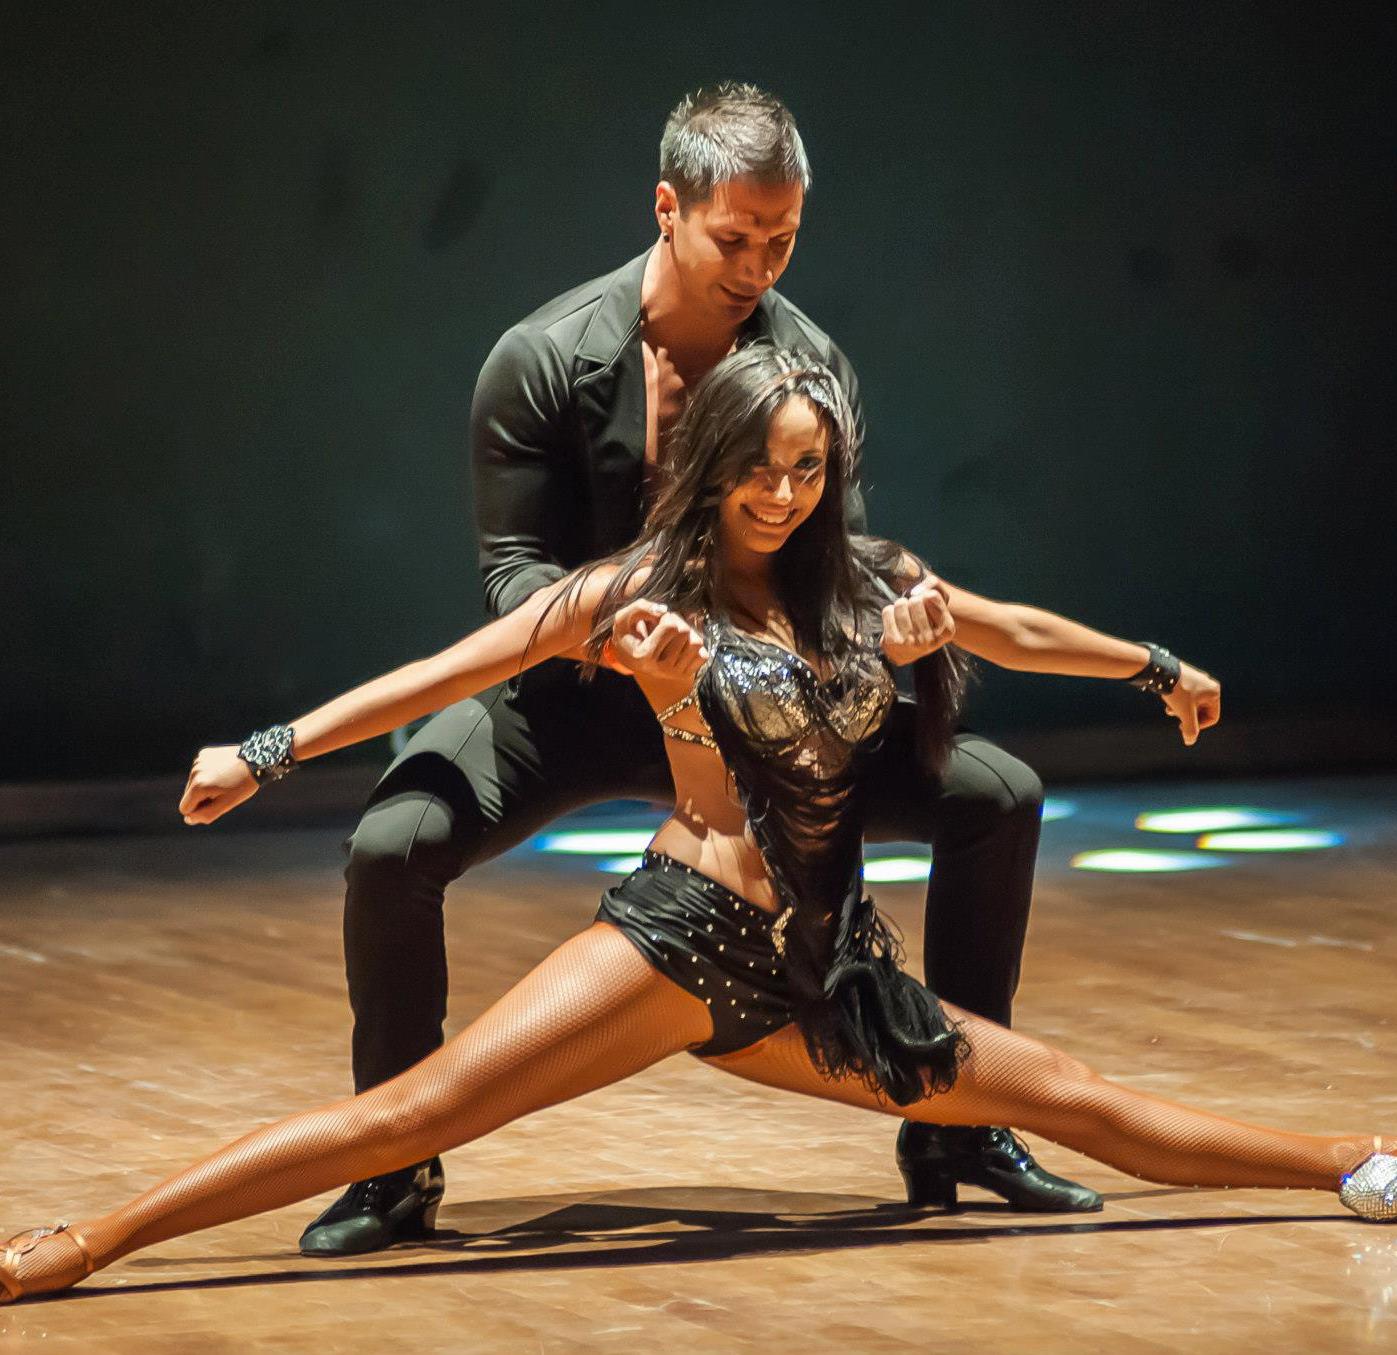 латиноамериканские танцы фото картинки авто, что